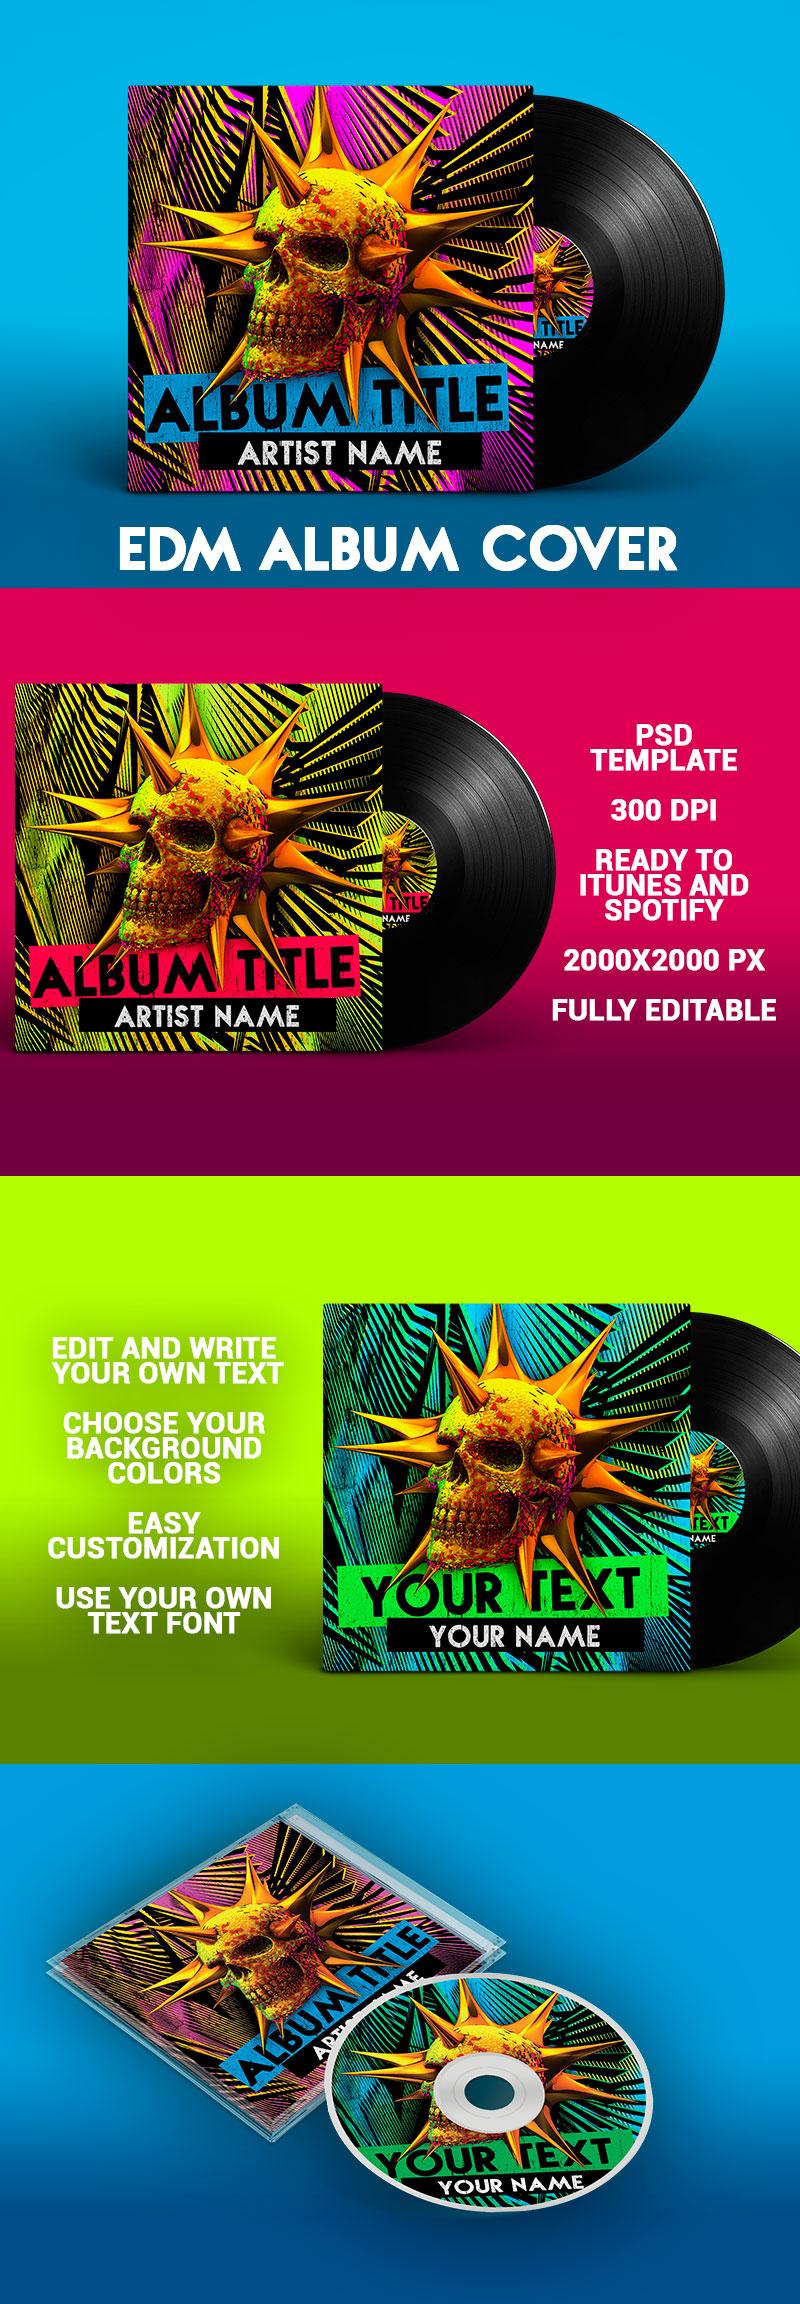 EDM-Album-Cover-PSD-Template